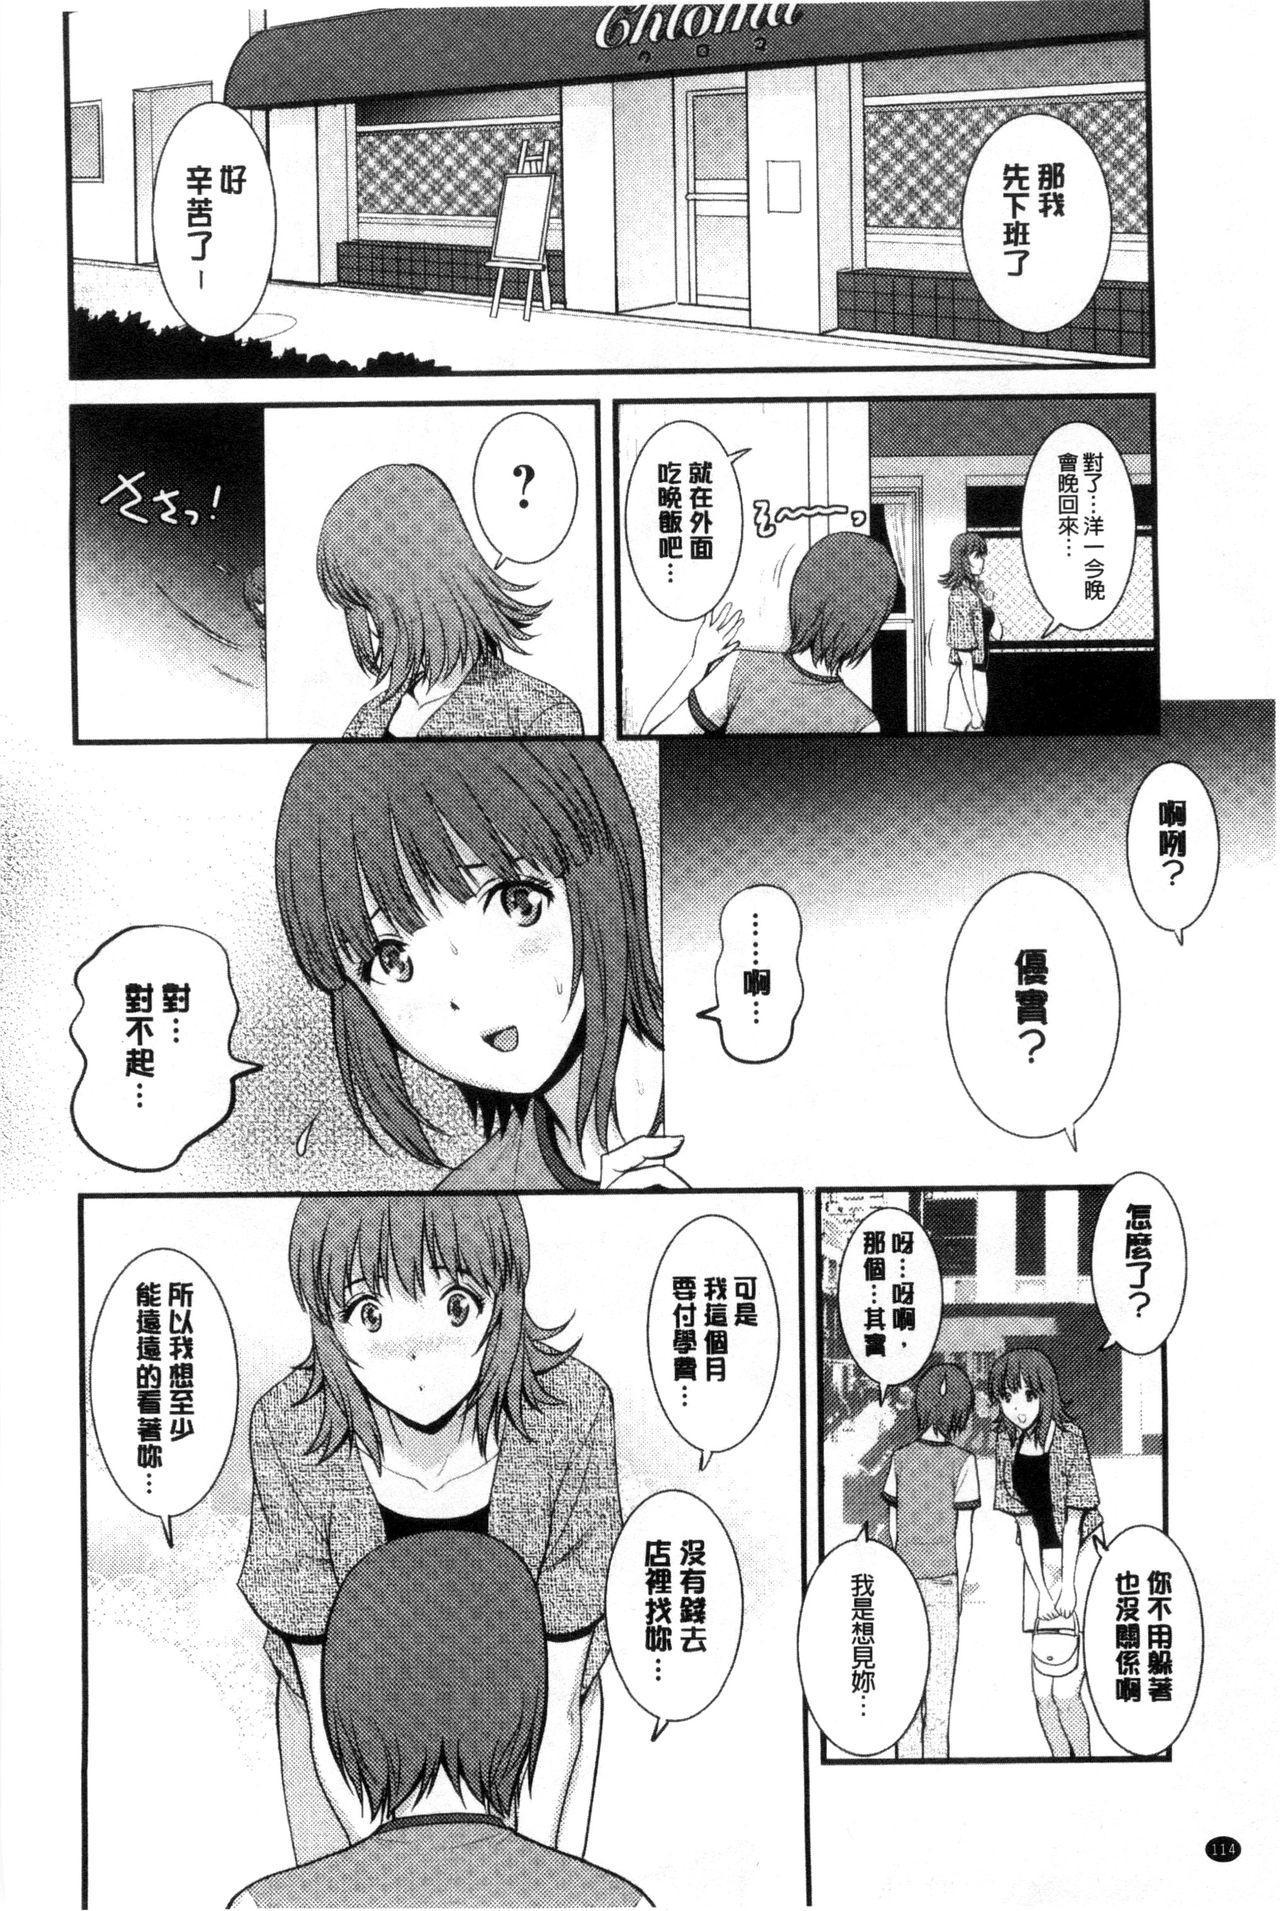 [Saigado] Part Time Manaka-san Wakazuma Enjokousai-ki | 兼職打工的愛花小姐 [Chinese] 114